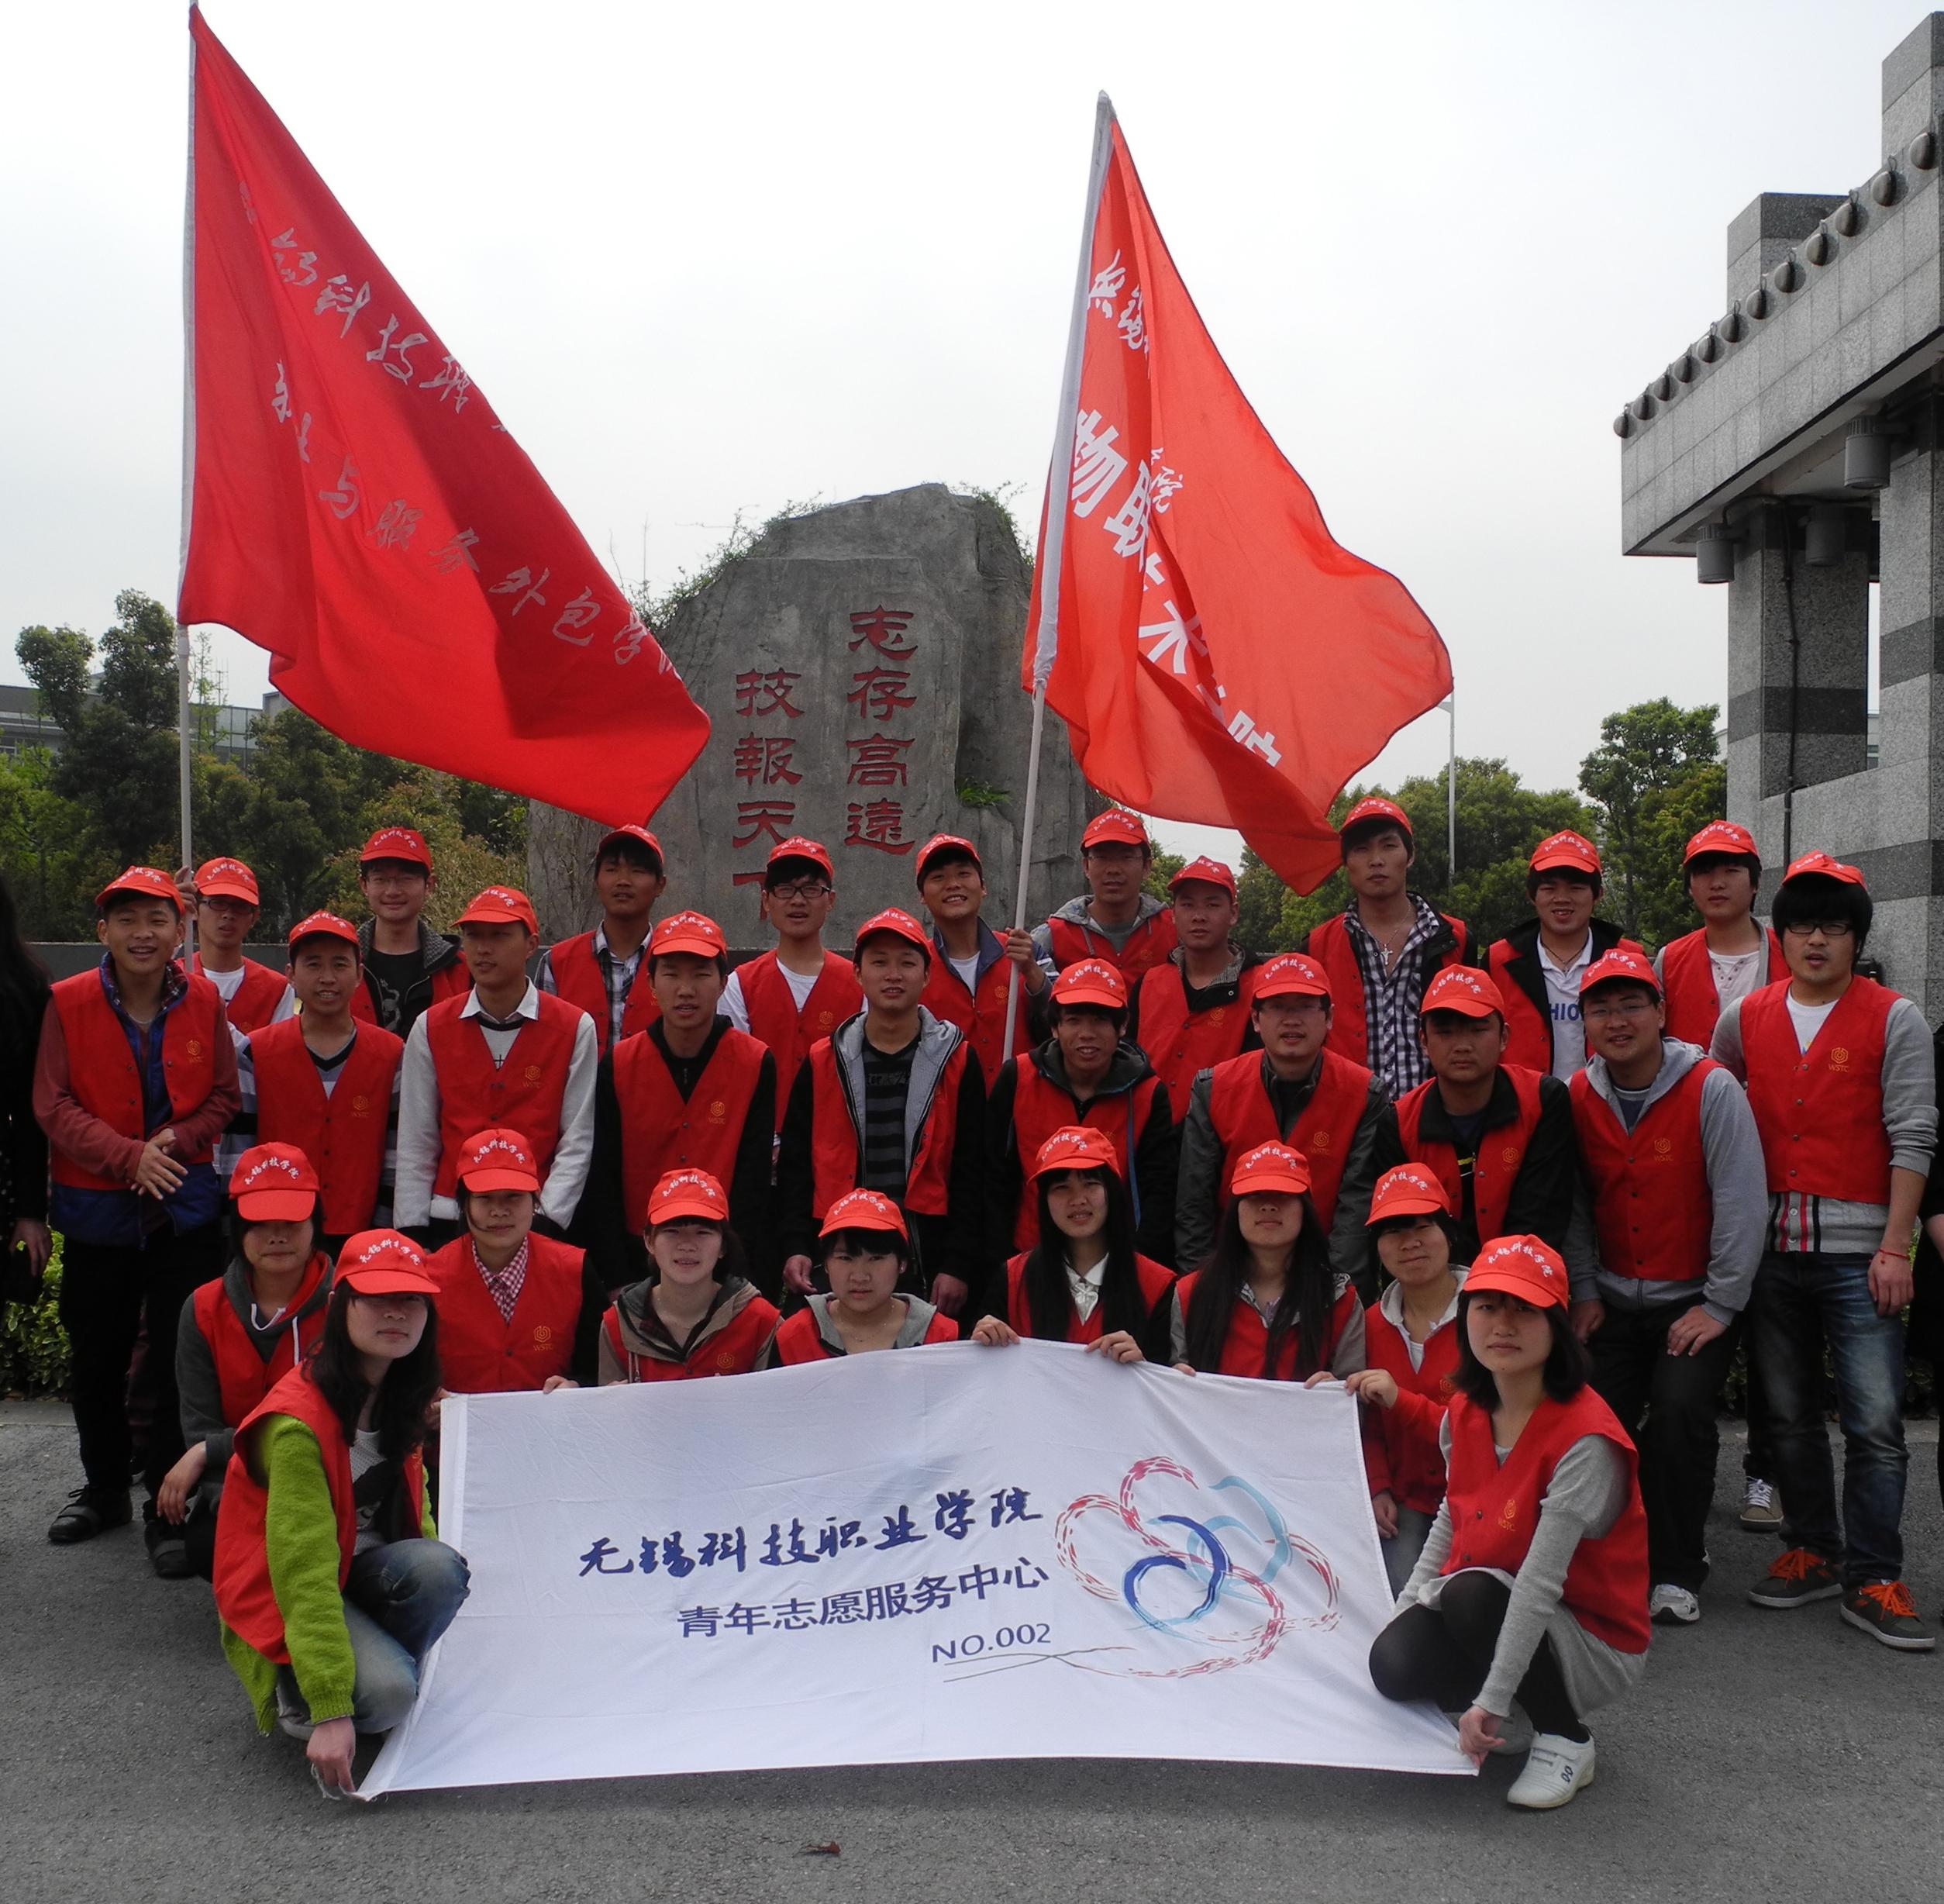 积极加入青年志愿者服务小分队